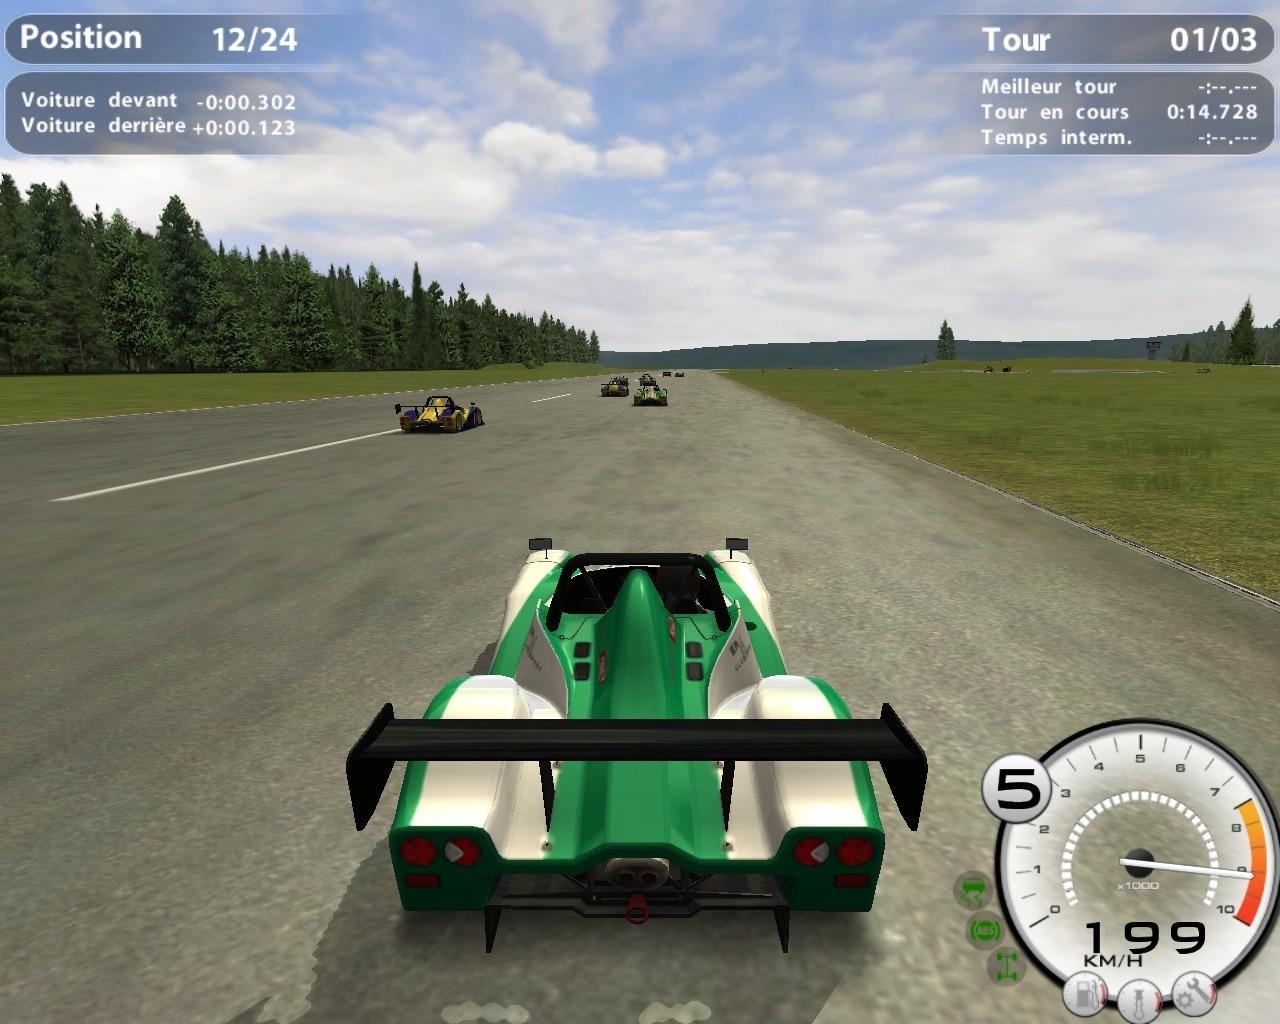 Motec pour race 07 patch